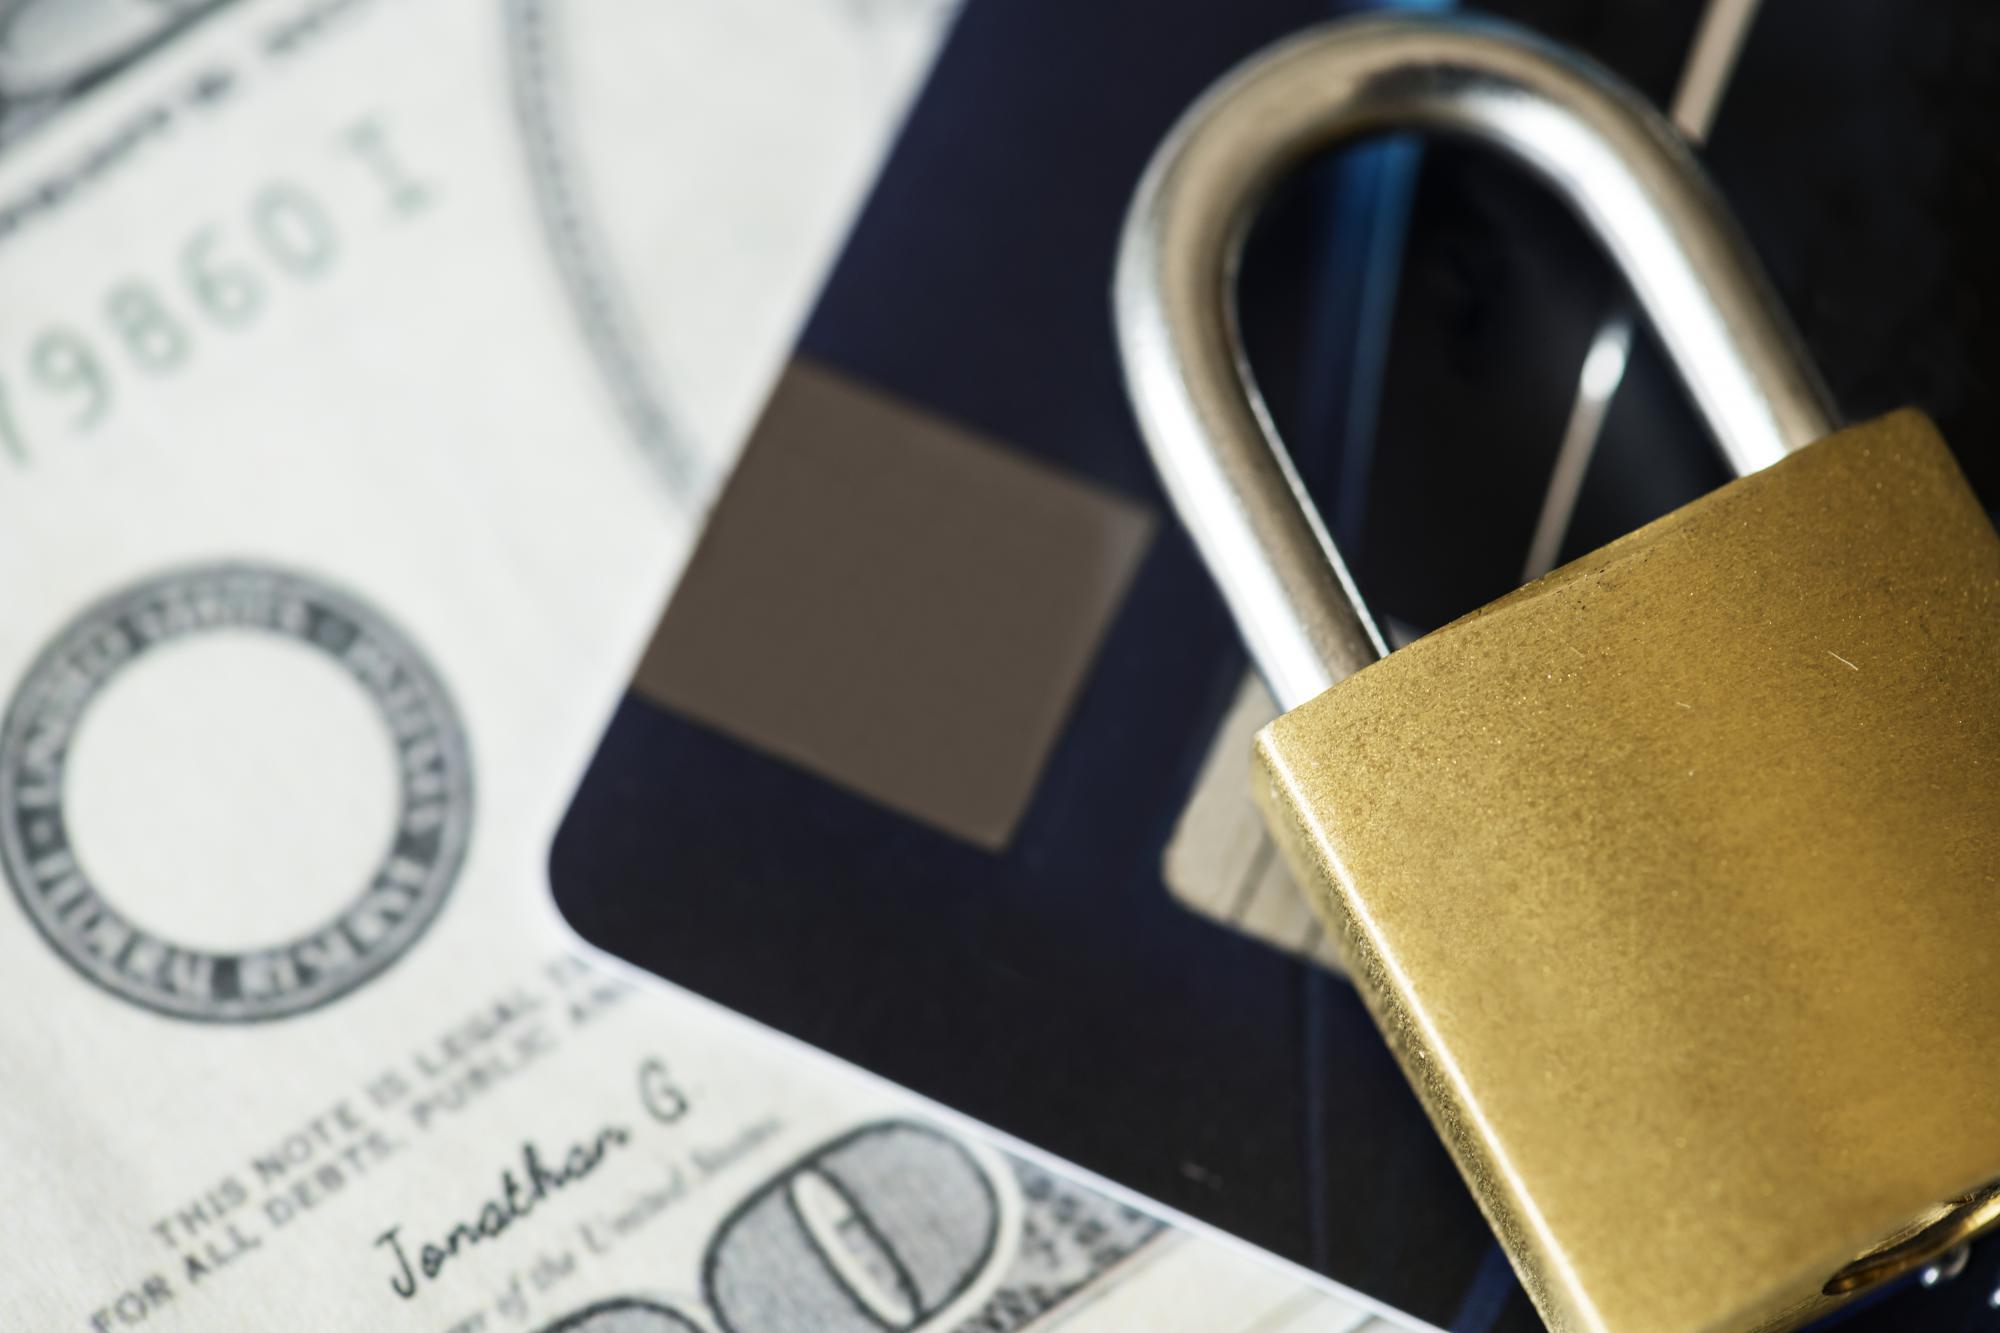 Для иностранных спецслужб раскрыли банковскую тайну россиян